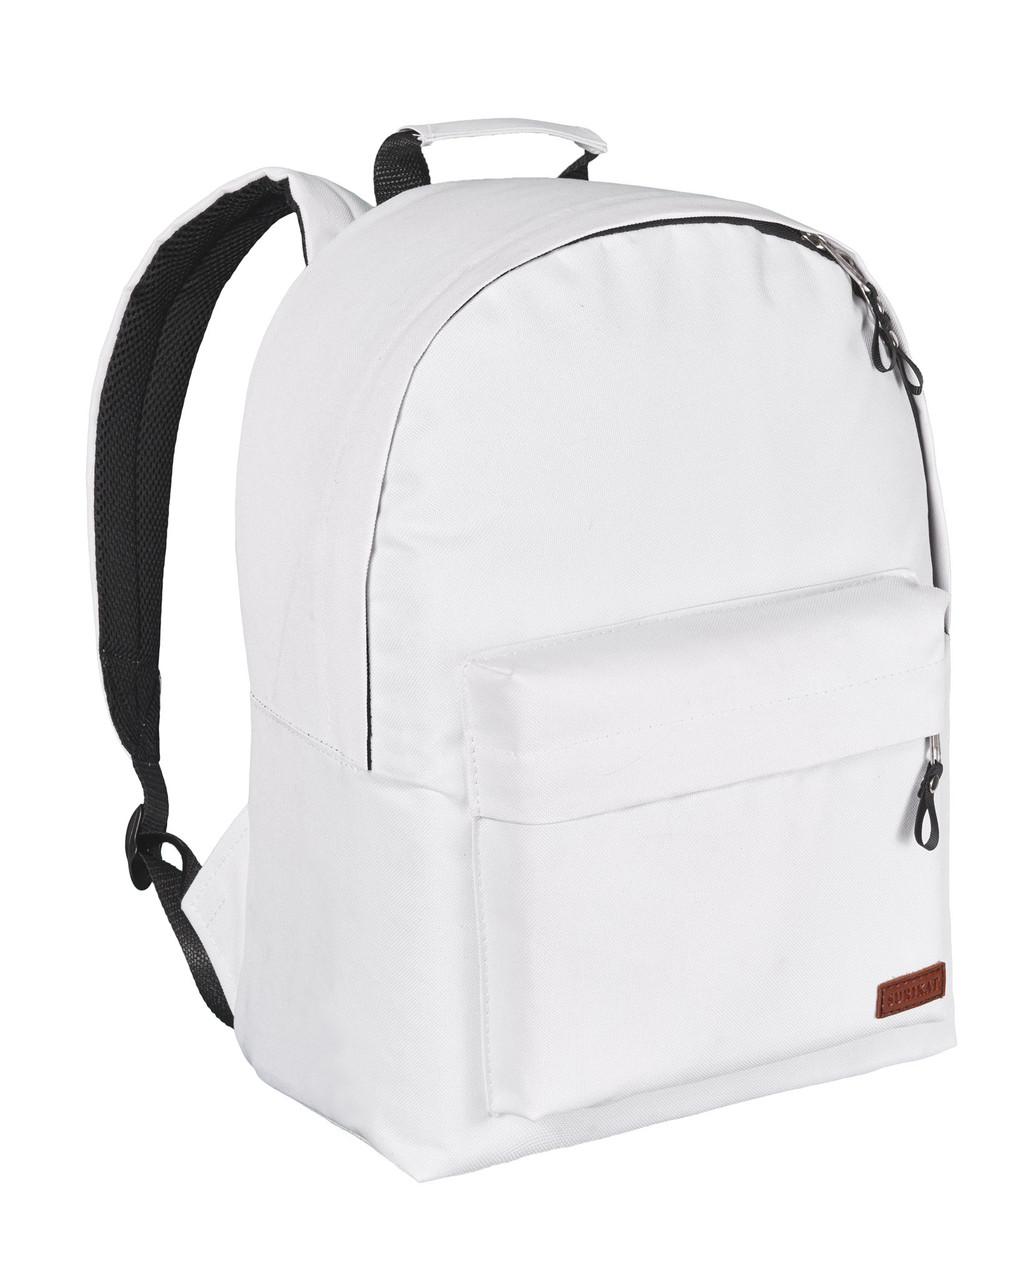 2c25c059c518 Городской рюкзак белый City Surikat 16л. (мужские рюкзаки, женские рюкзаки)  - Интернет